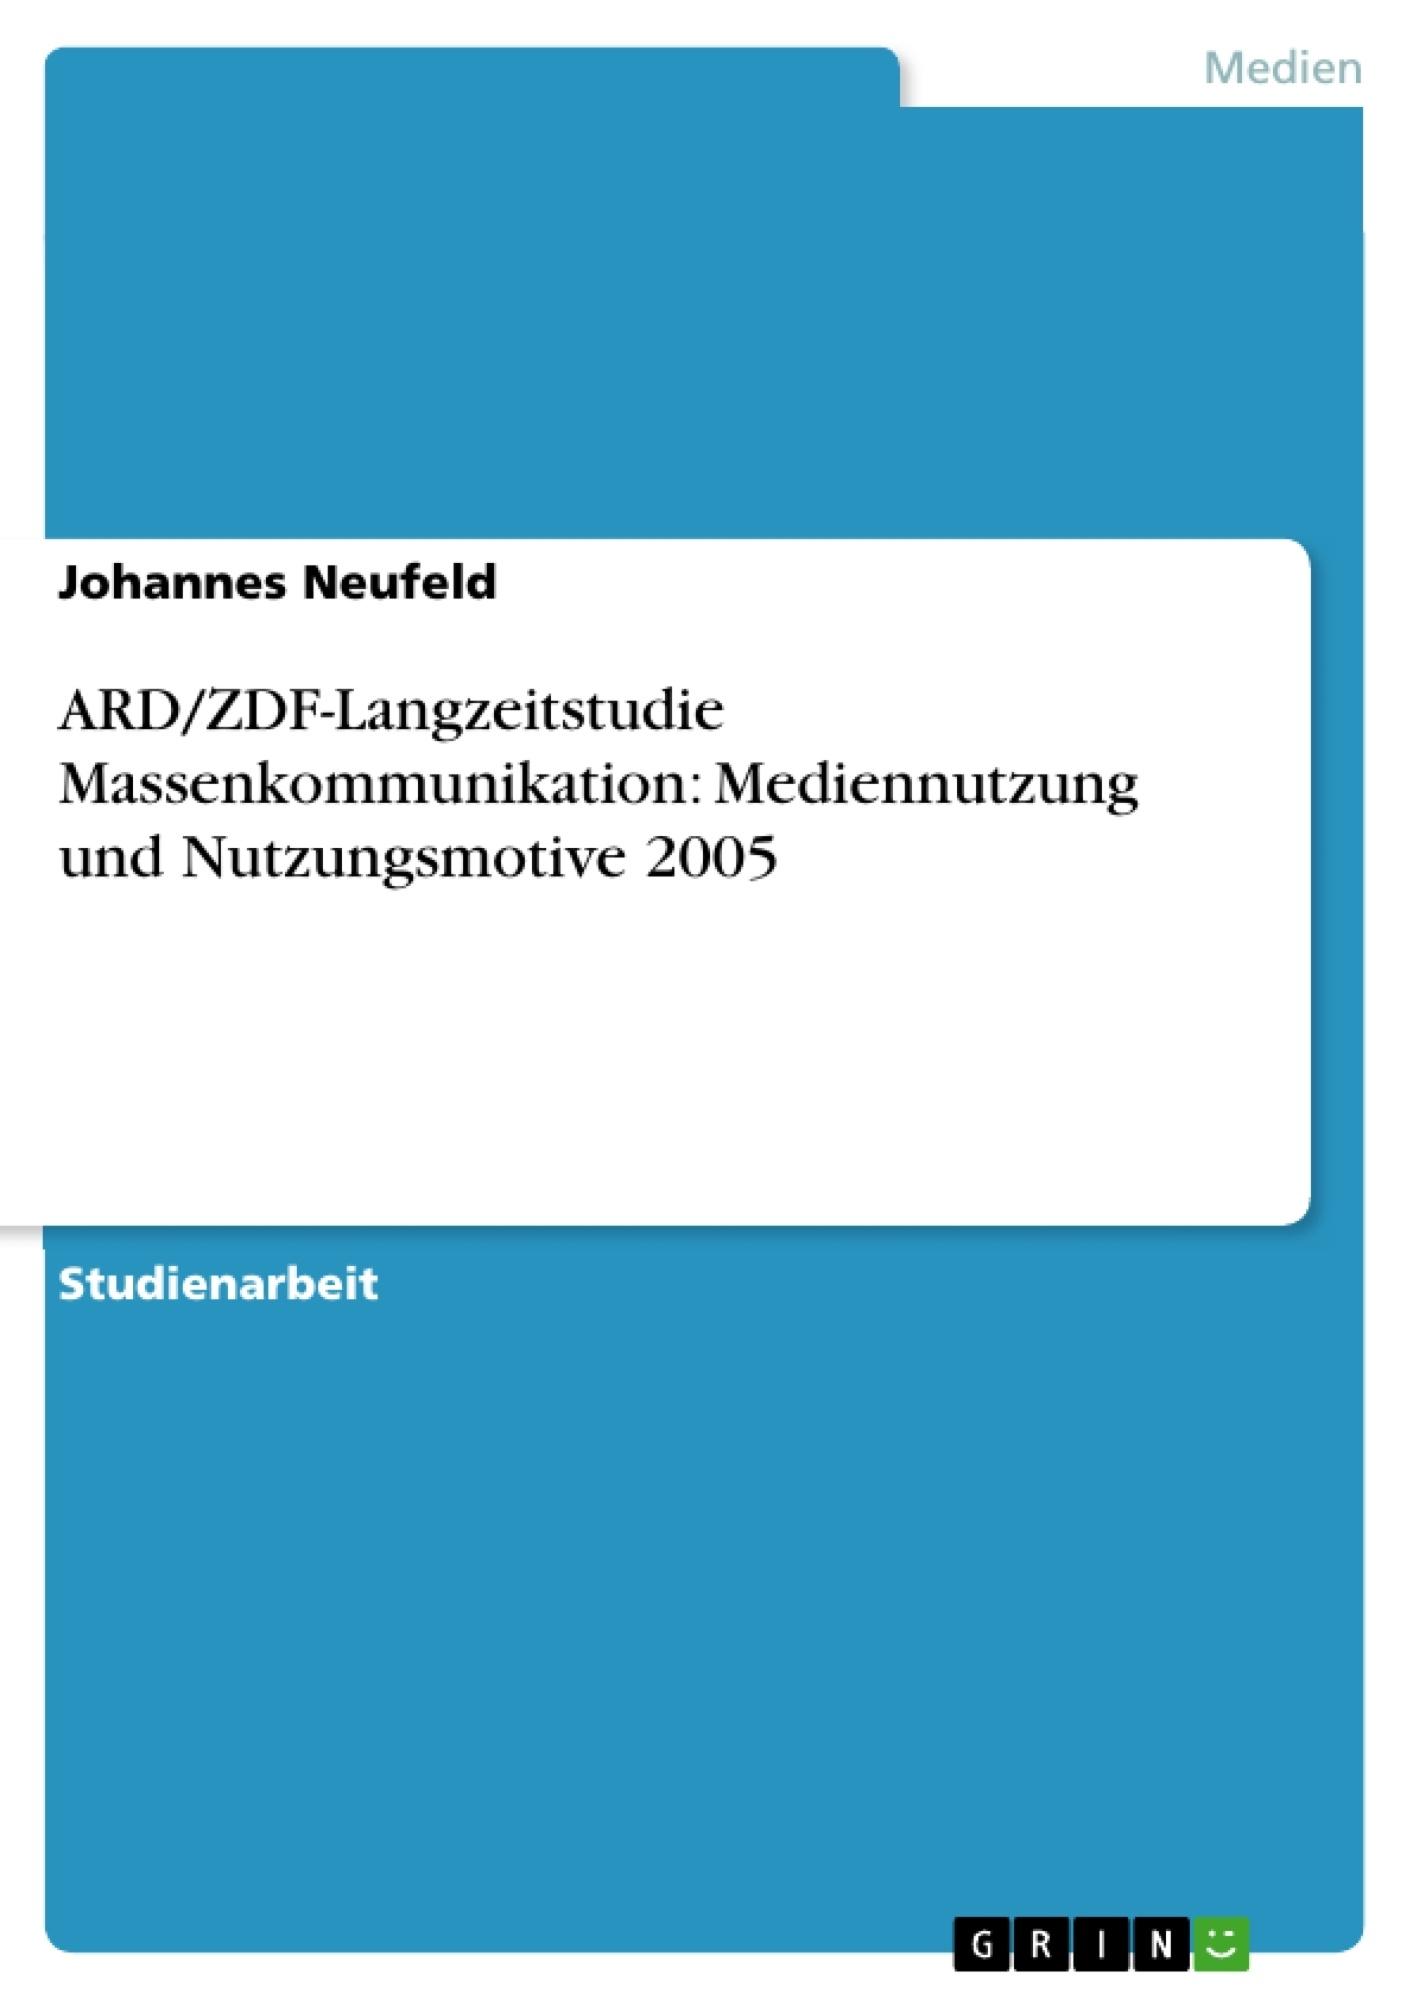 Titel: ARD/ZDF-Langzeitstudie Massenkommunikation: Mediennutzung und Nutzungsmotive 2005